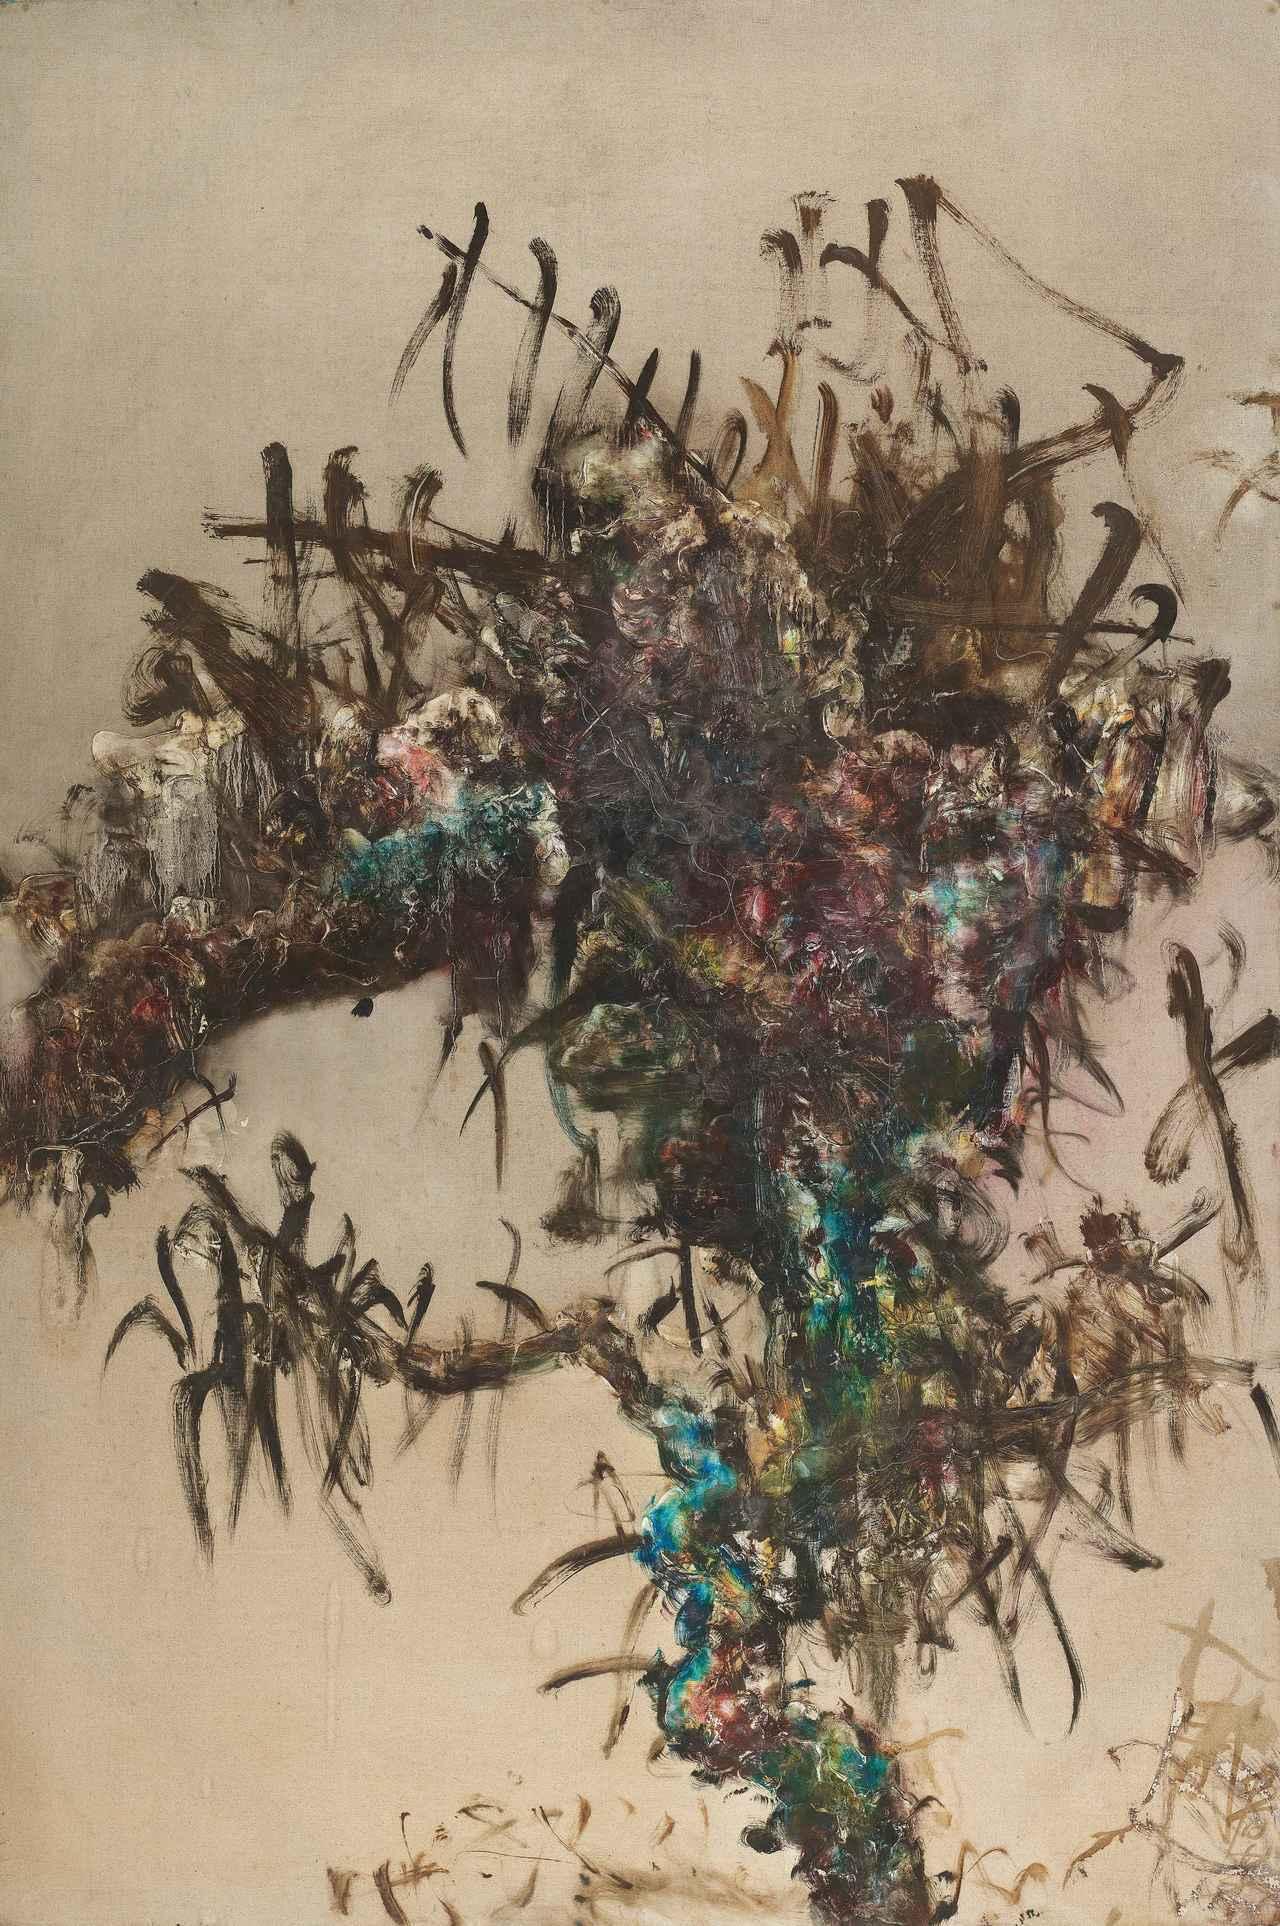 周春芽1993年油畫《樹的系列》,估價約9,779萬元。圖/佳士得提供